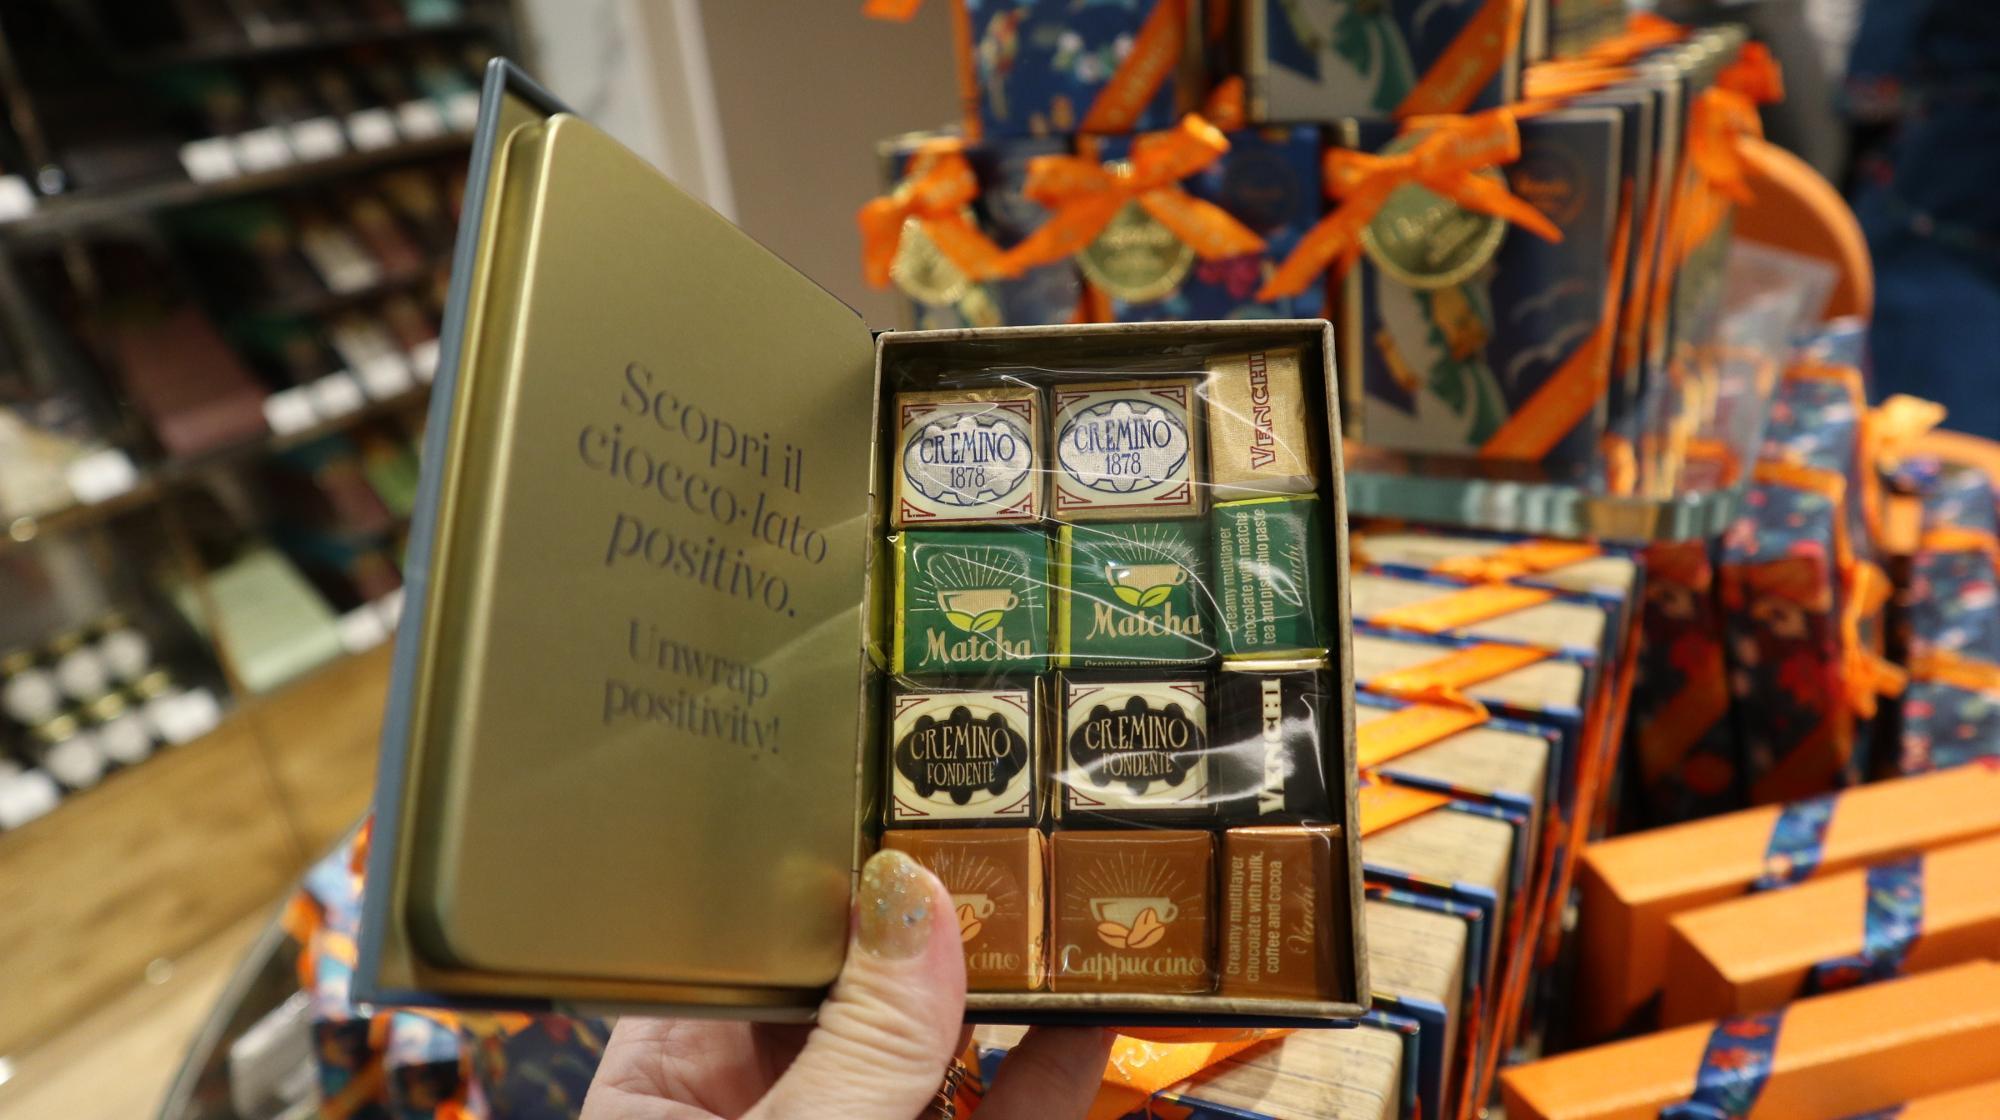 大阪店でもチョコレートが購入できます